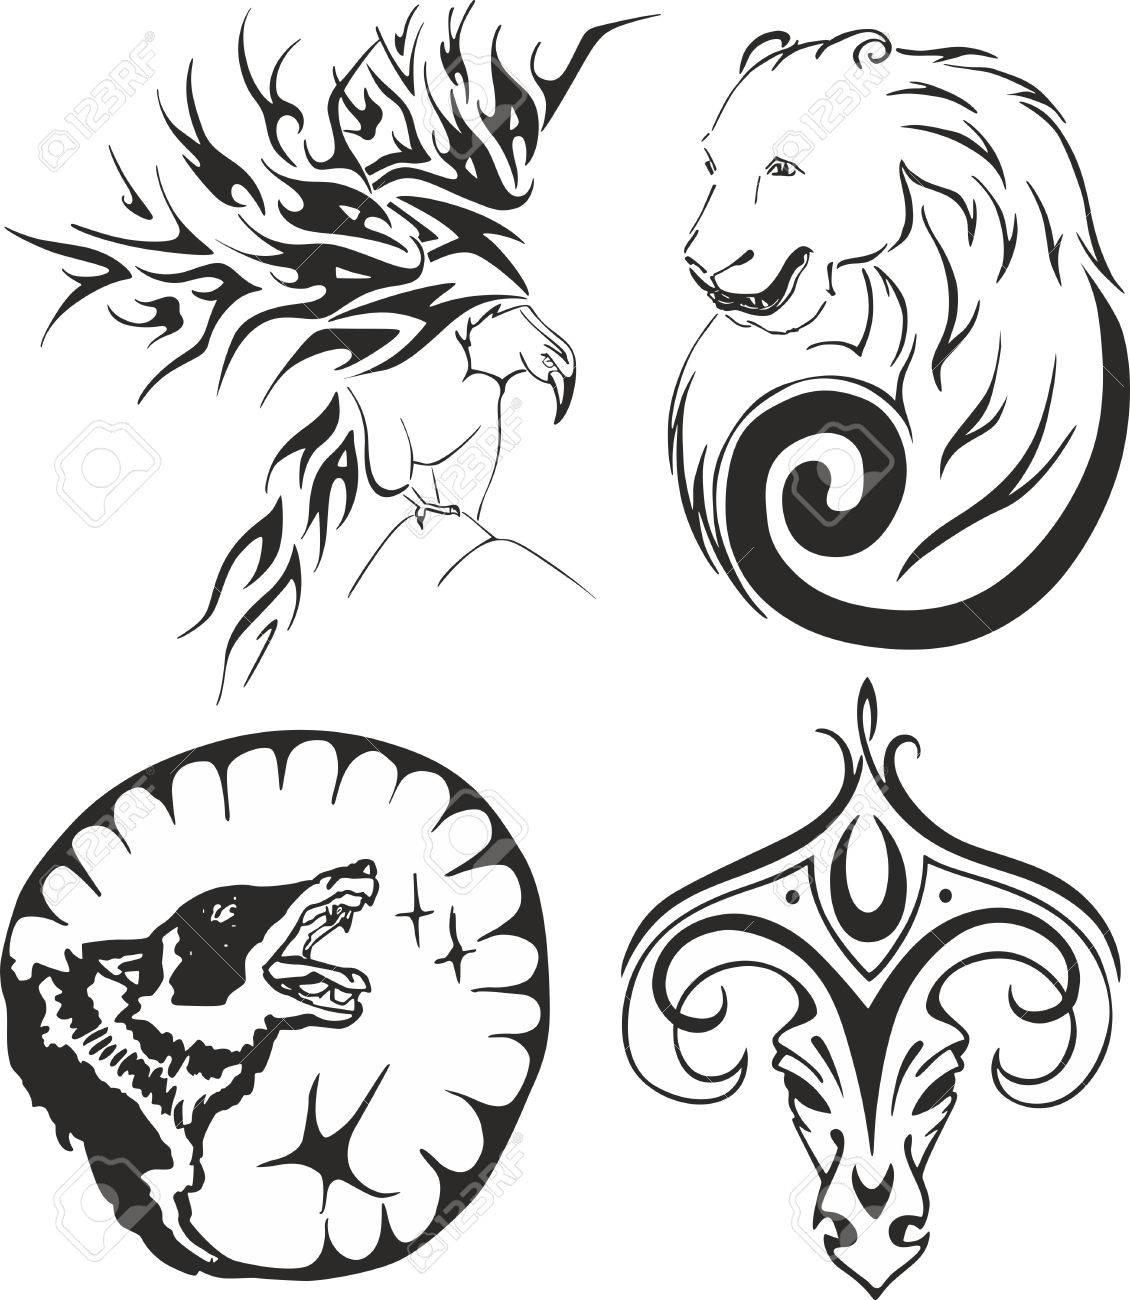 Blanco Y Negro Tatuaje Tribal Fijó Con Un águila Un Oso Un Lobo Y